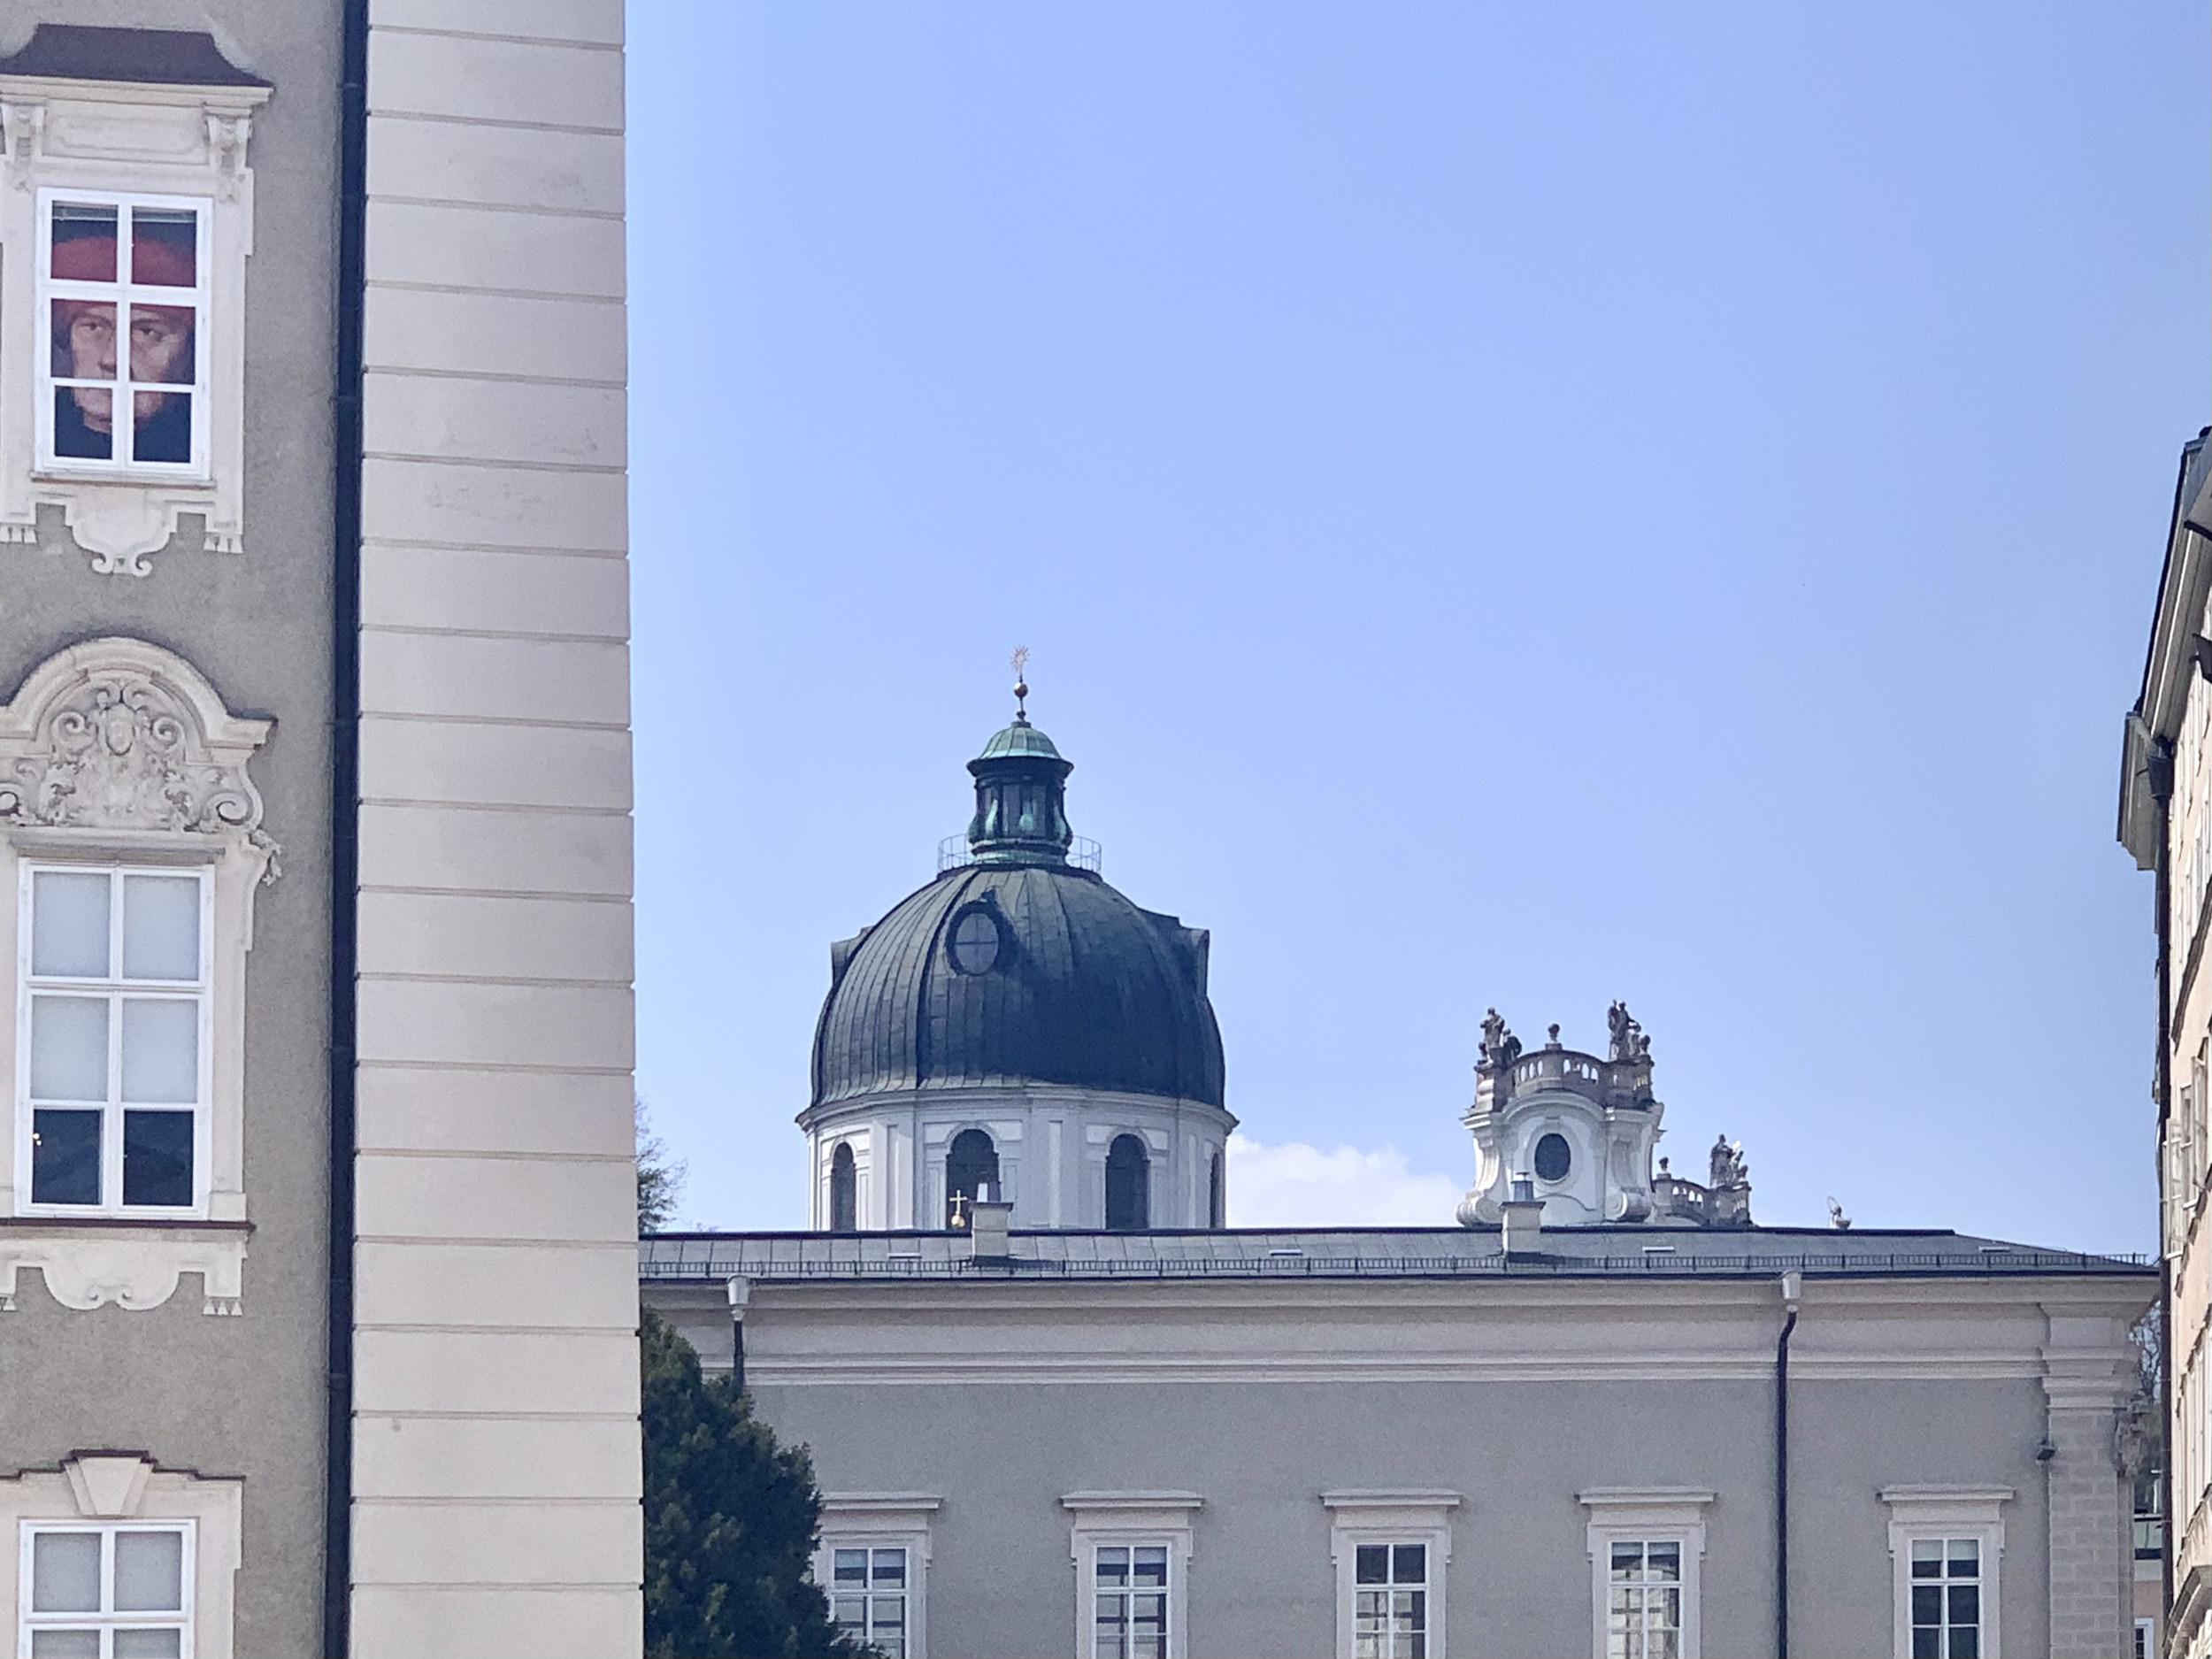 Drum Dome of the Kollegienkirche in Salzburg